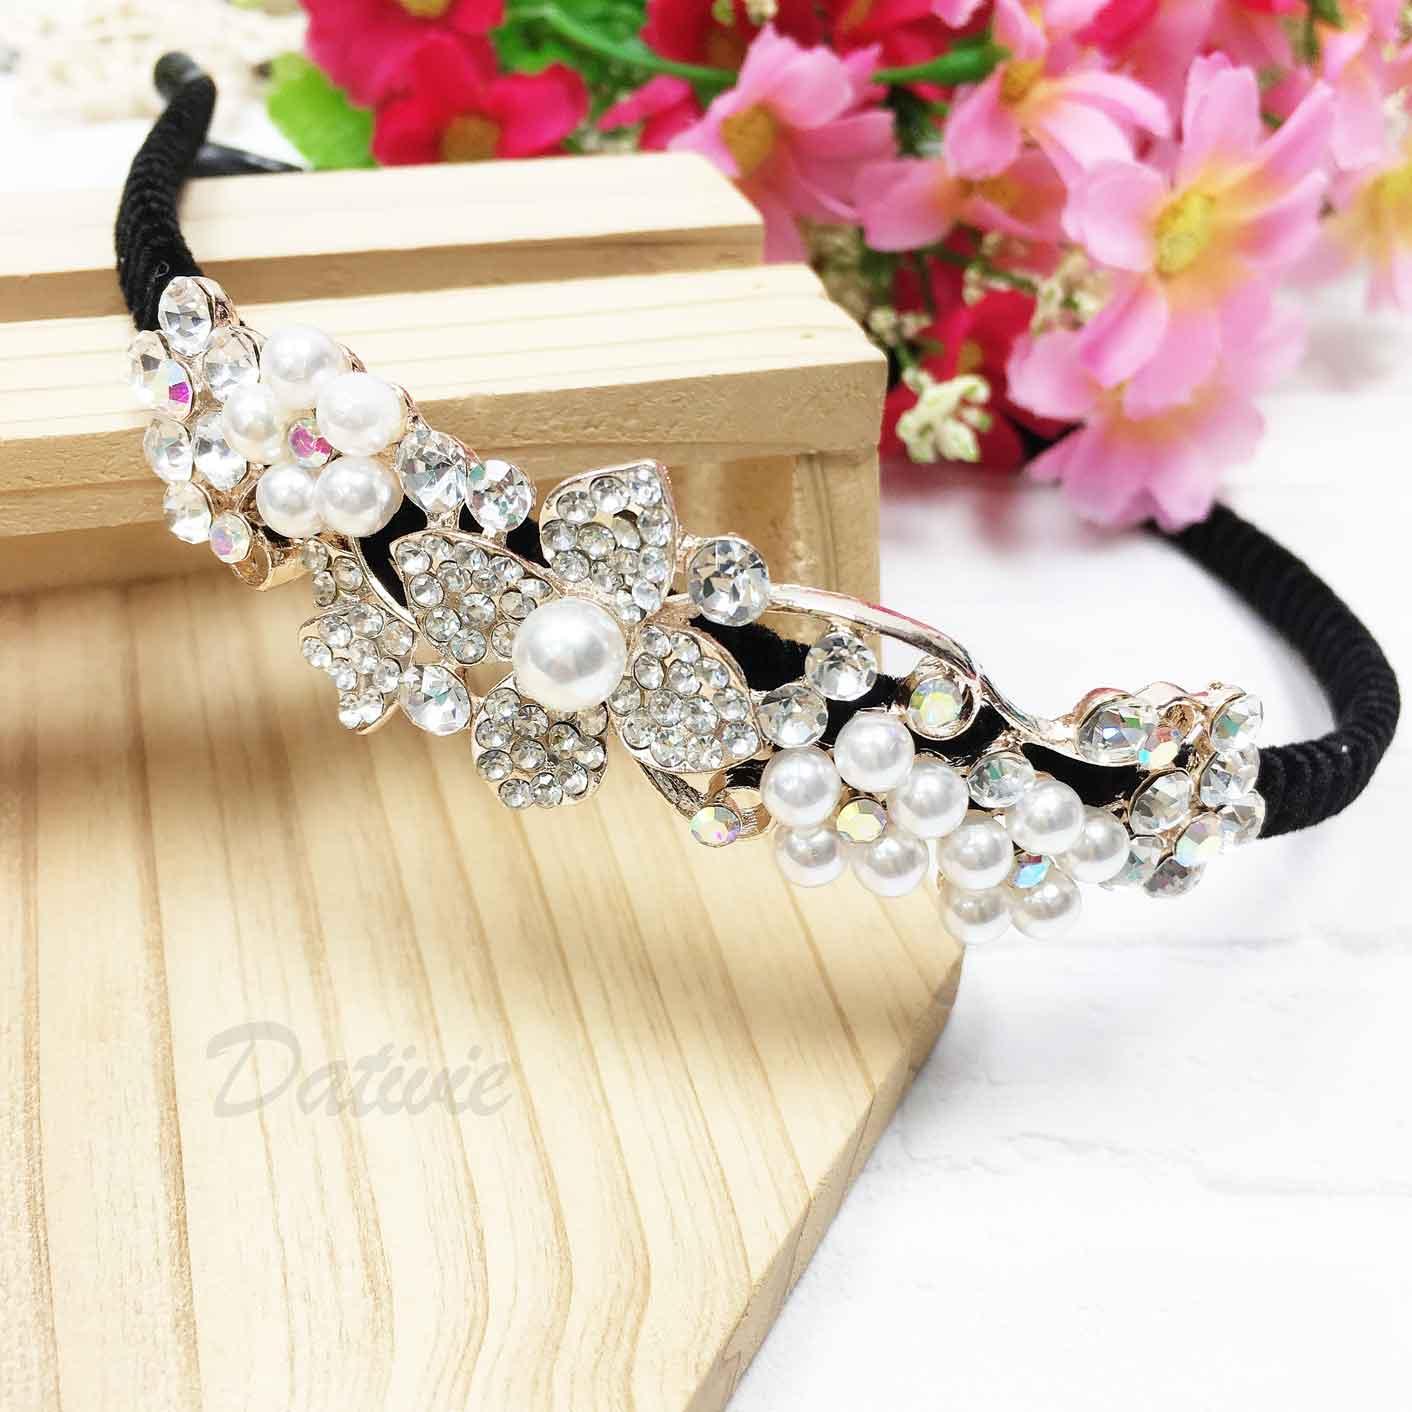 花 珍珠 水鑽 髮飾 髮箍 頭箍